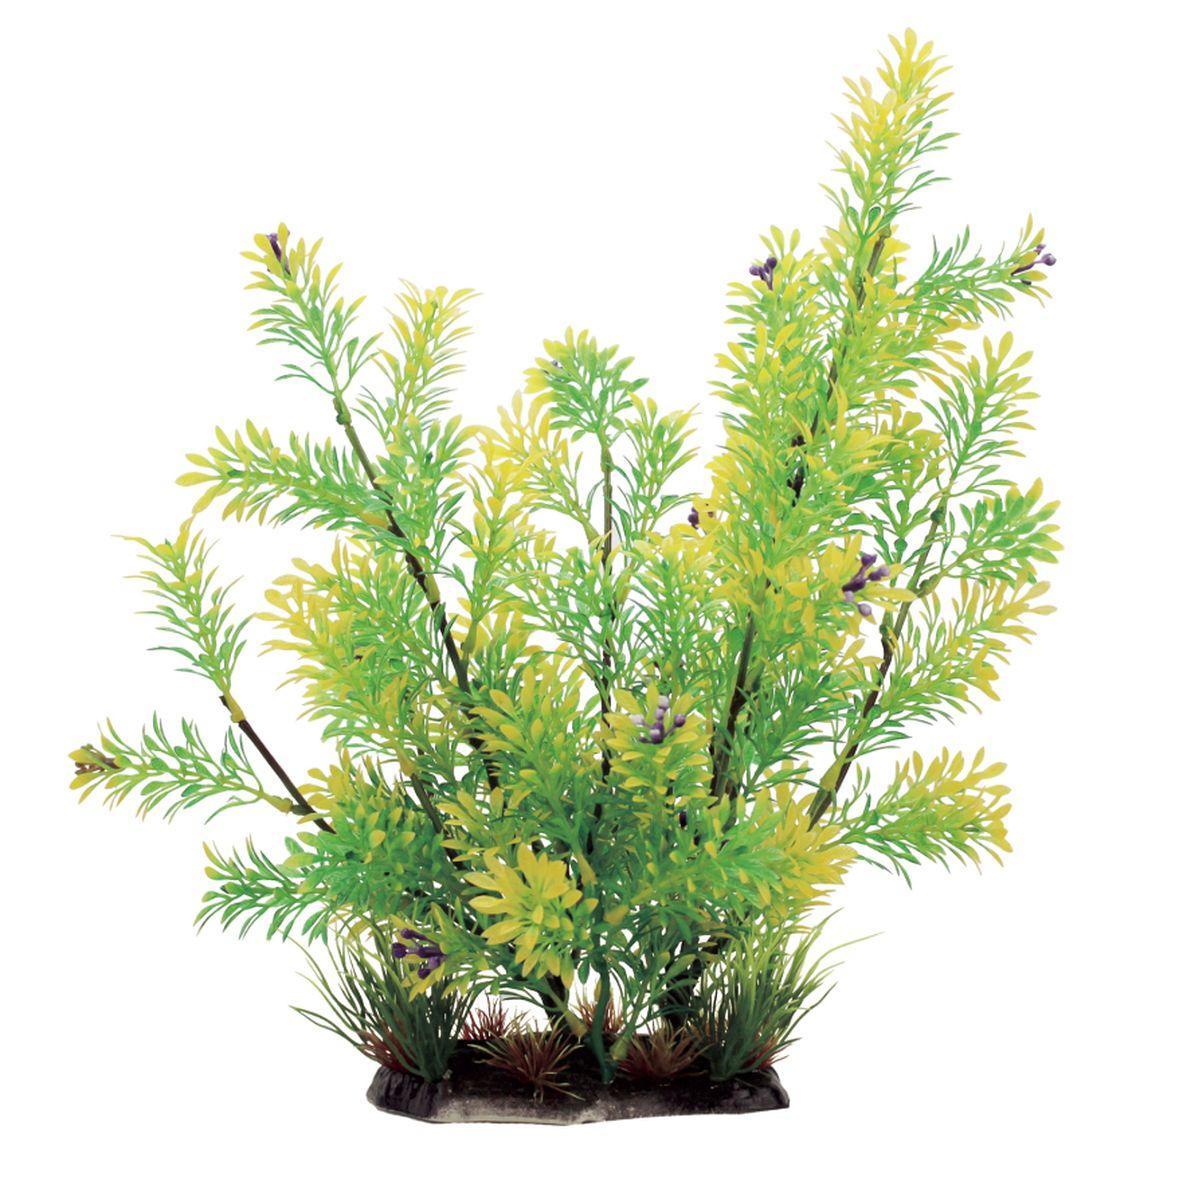 Растение для аквариума ArtUniq Ротала зеленая, высота 35 смART-1130105Композиция из искусственных растений ArtUniq превосходно украсит и оживит аквариум.Растения - это важная часть любой композиции, они помогут вдохнуть жизнь в ландшафт любого аквариума или террариума. А их сходствос природными порадует даже самых взыскательных ценителей.